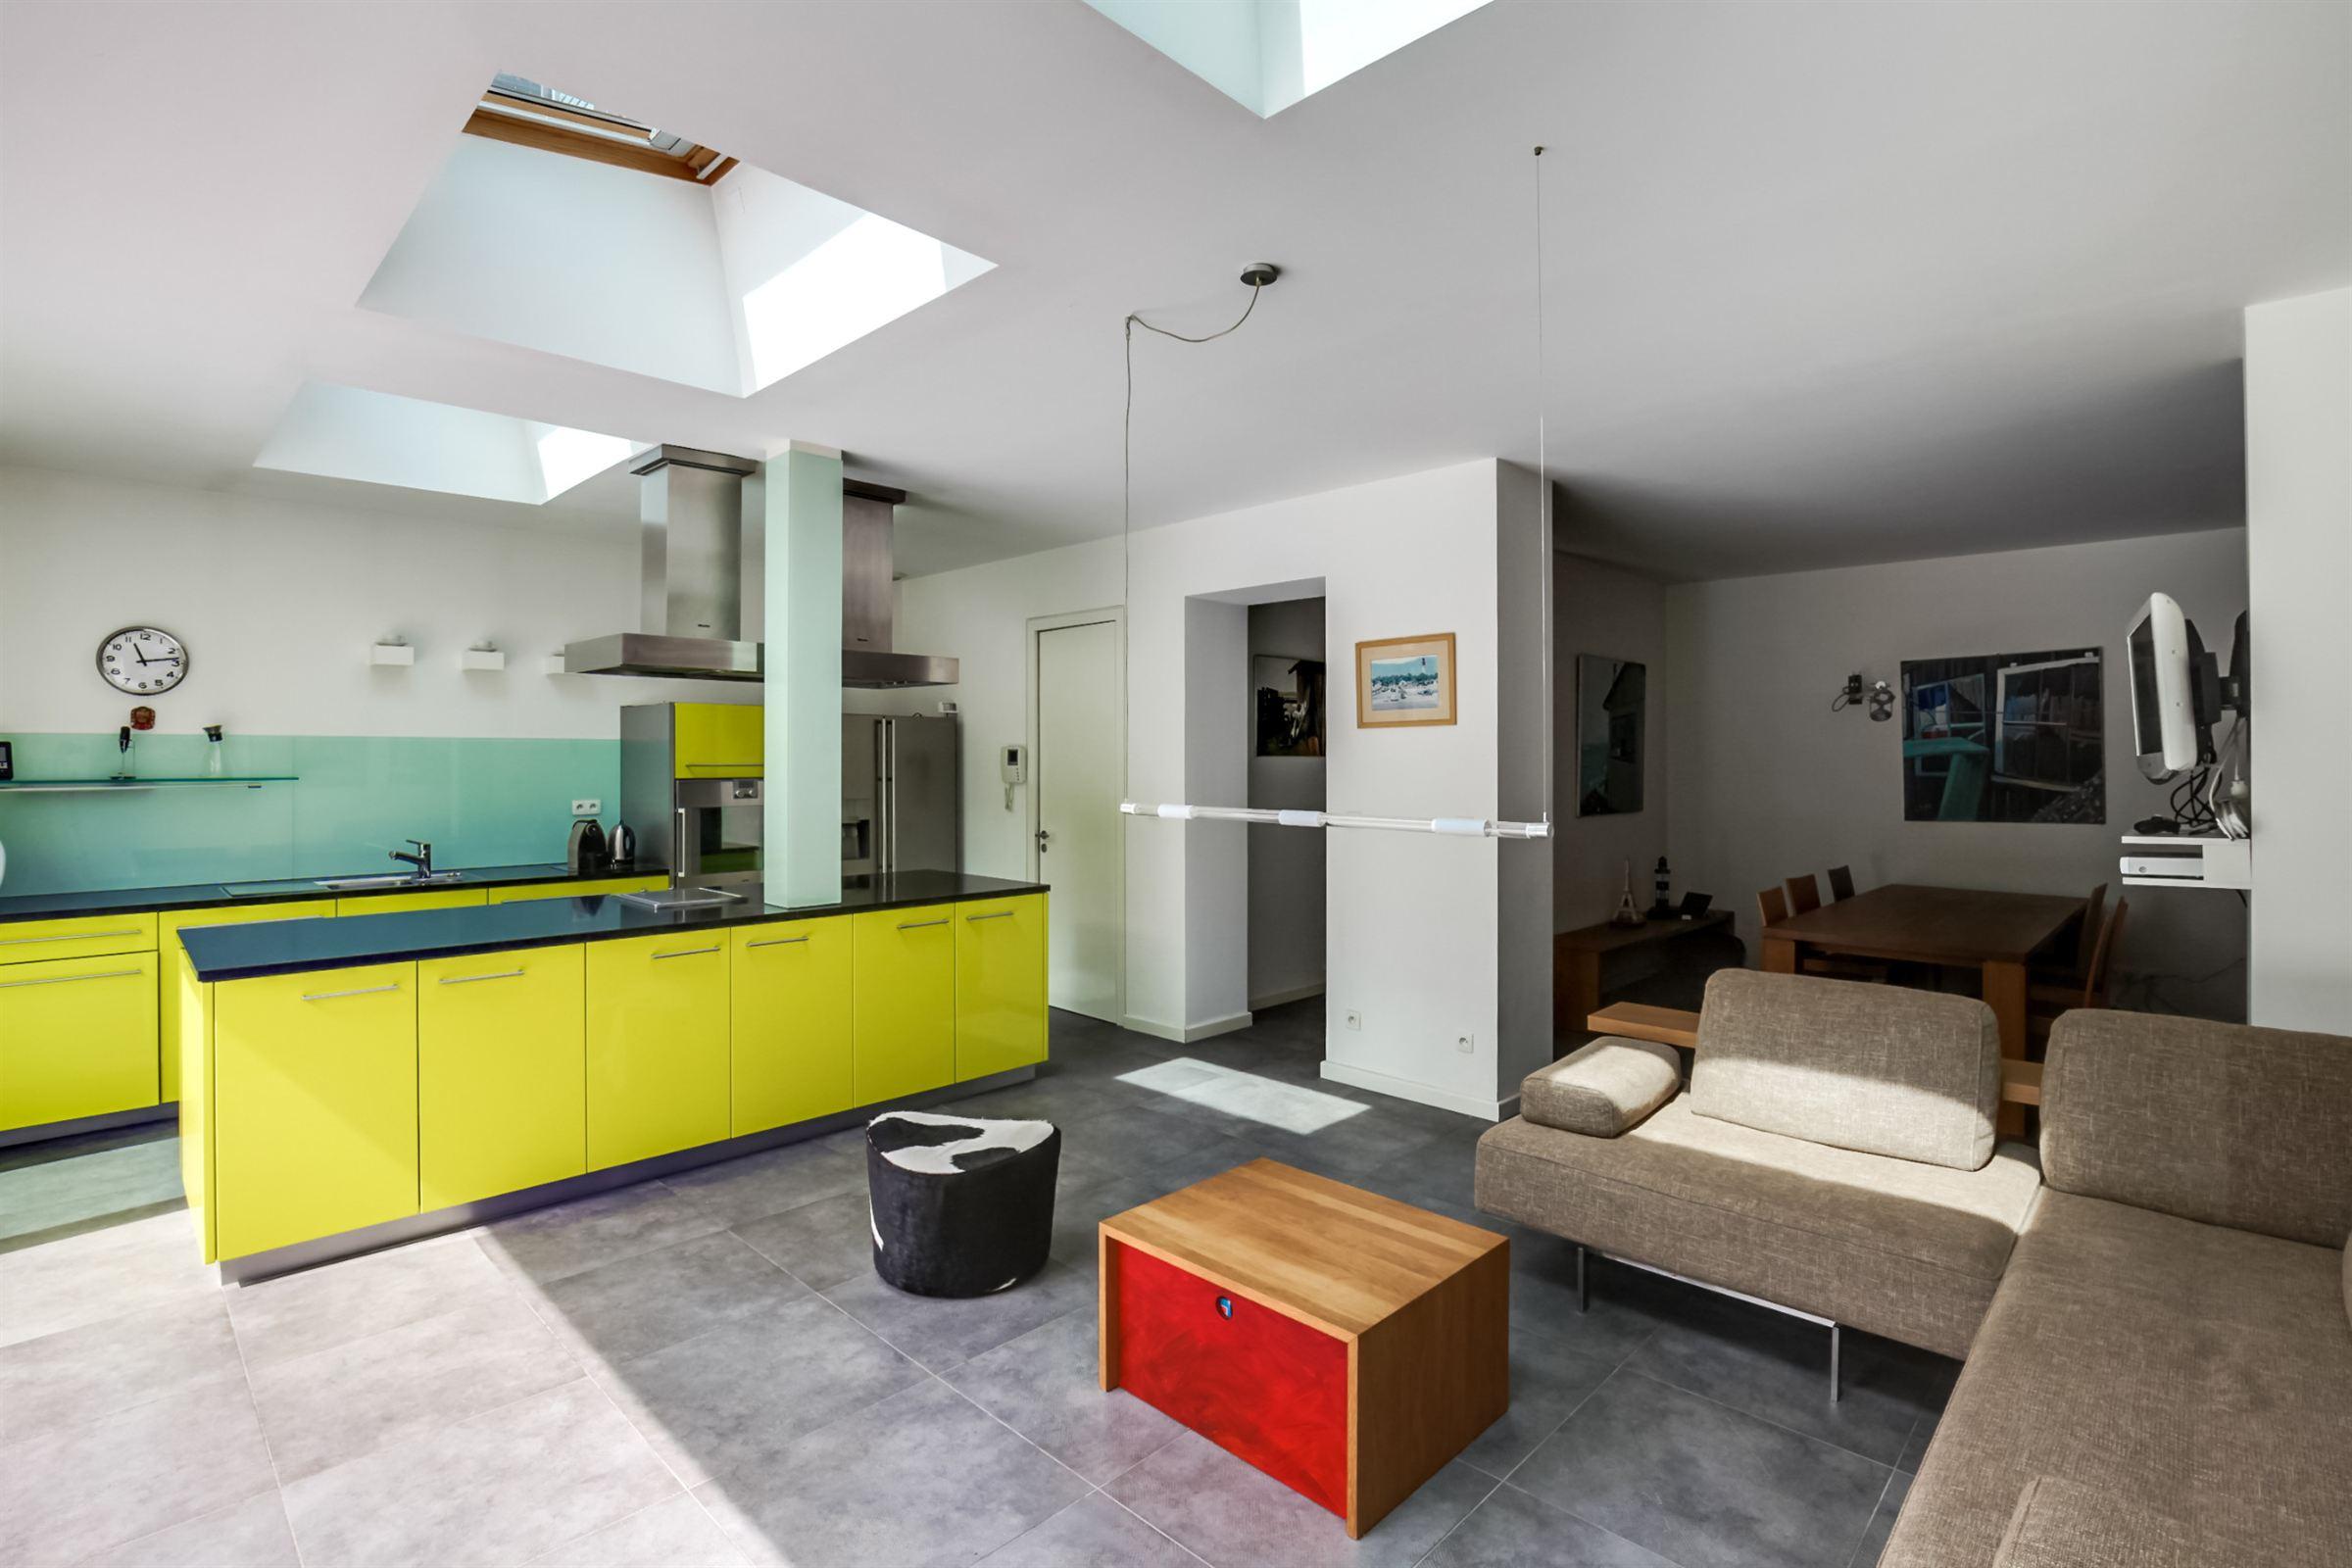 独户住宅 为 销售 在 House 波尔多, 阿基坦, 33200 法国